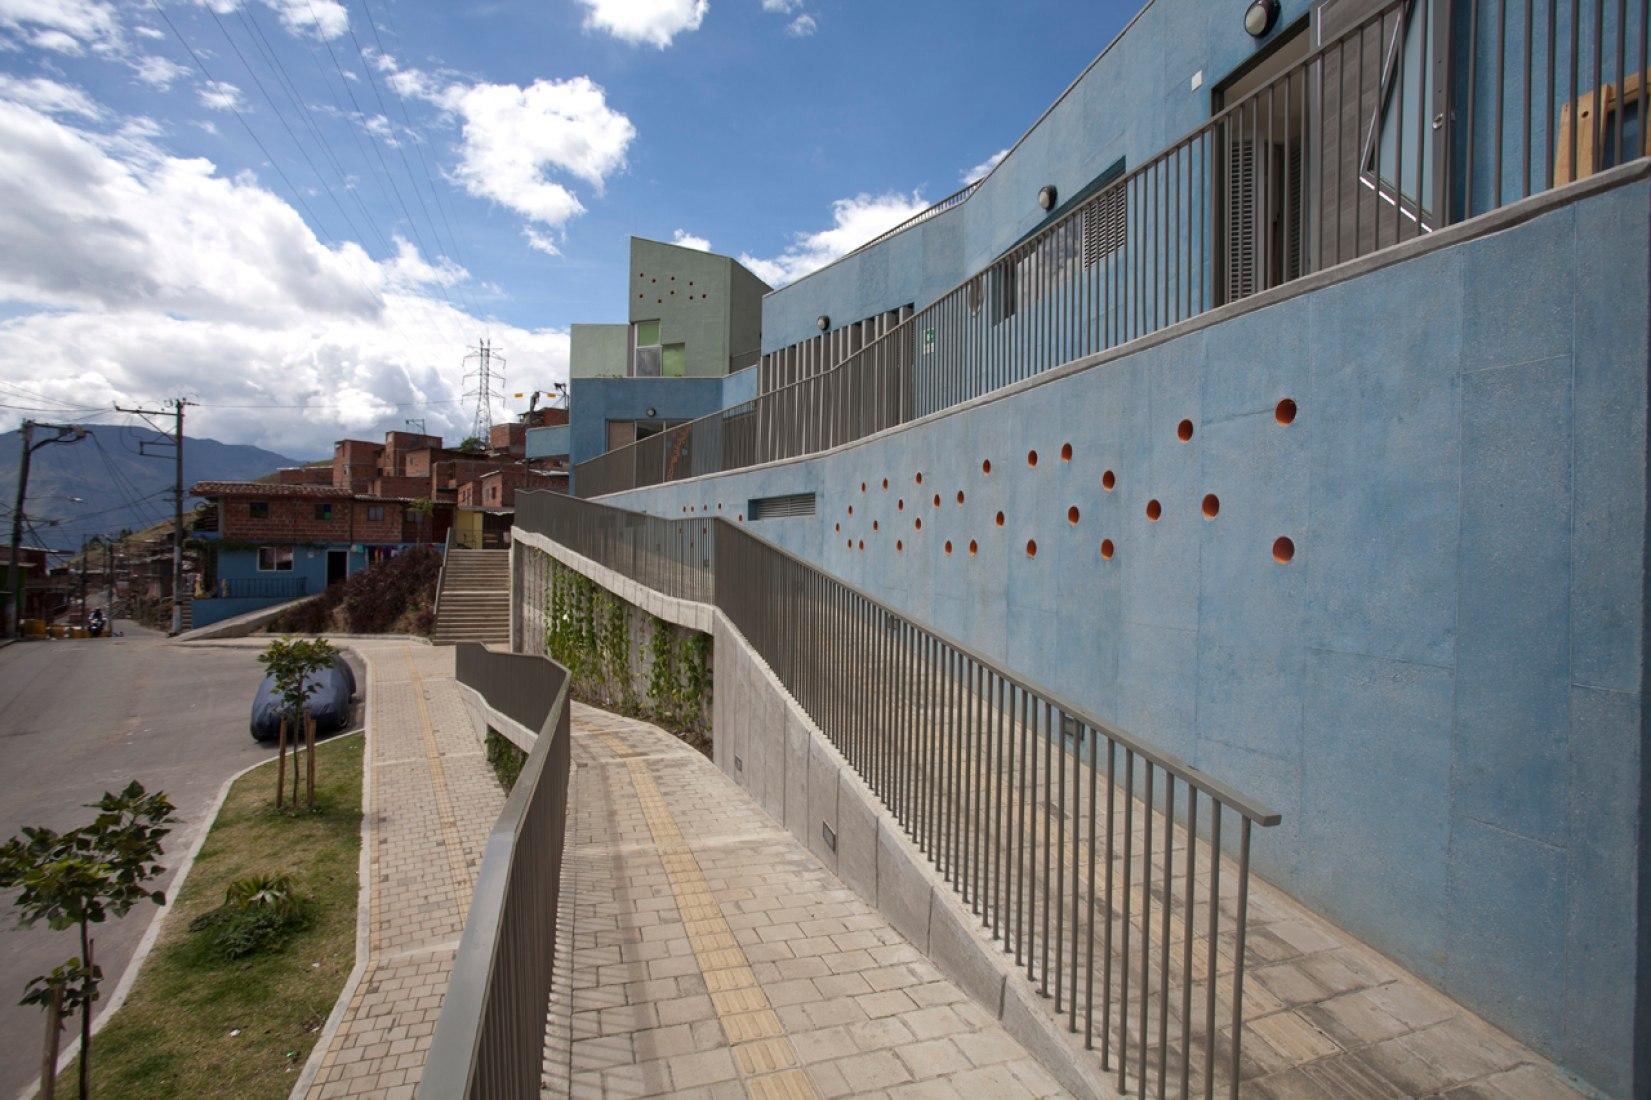 Rampa de acceso. Jardín Infantil Santo Domingo Savio por plan:b arquitectos. Fotografía © Sergio Gómez.